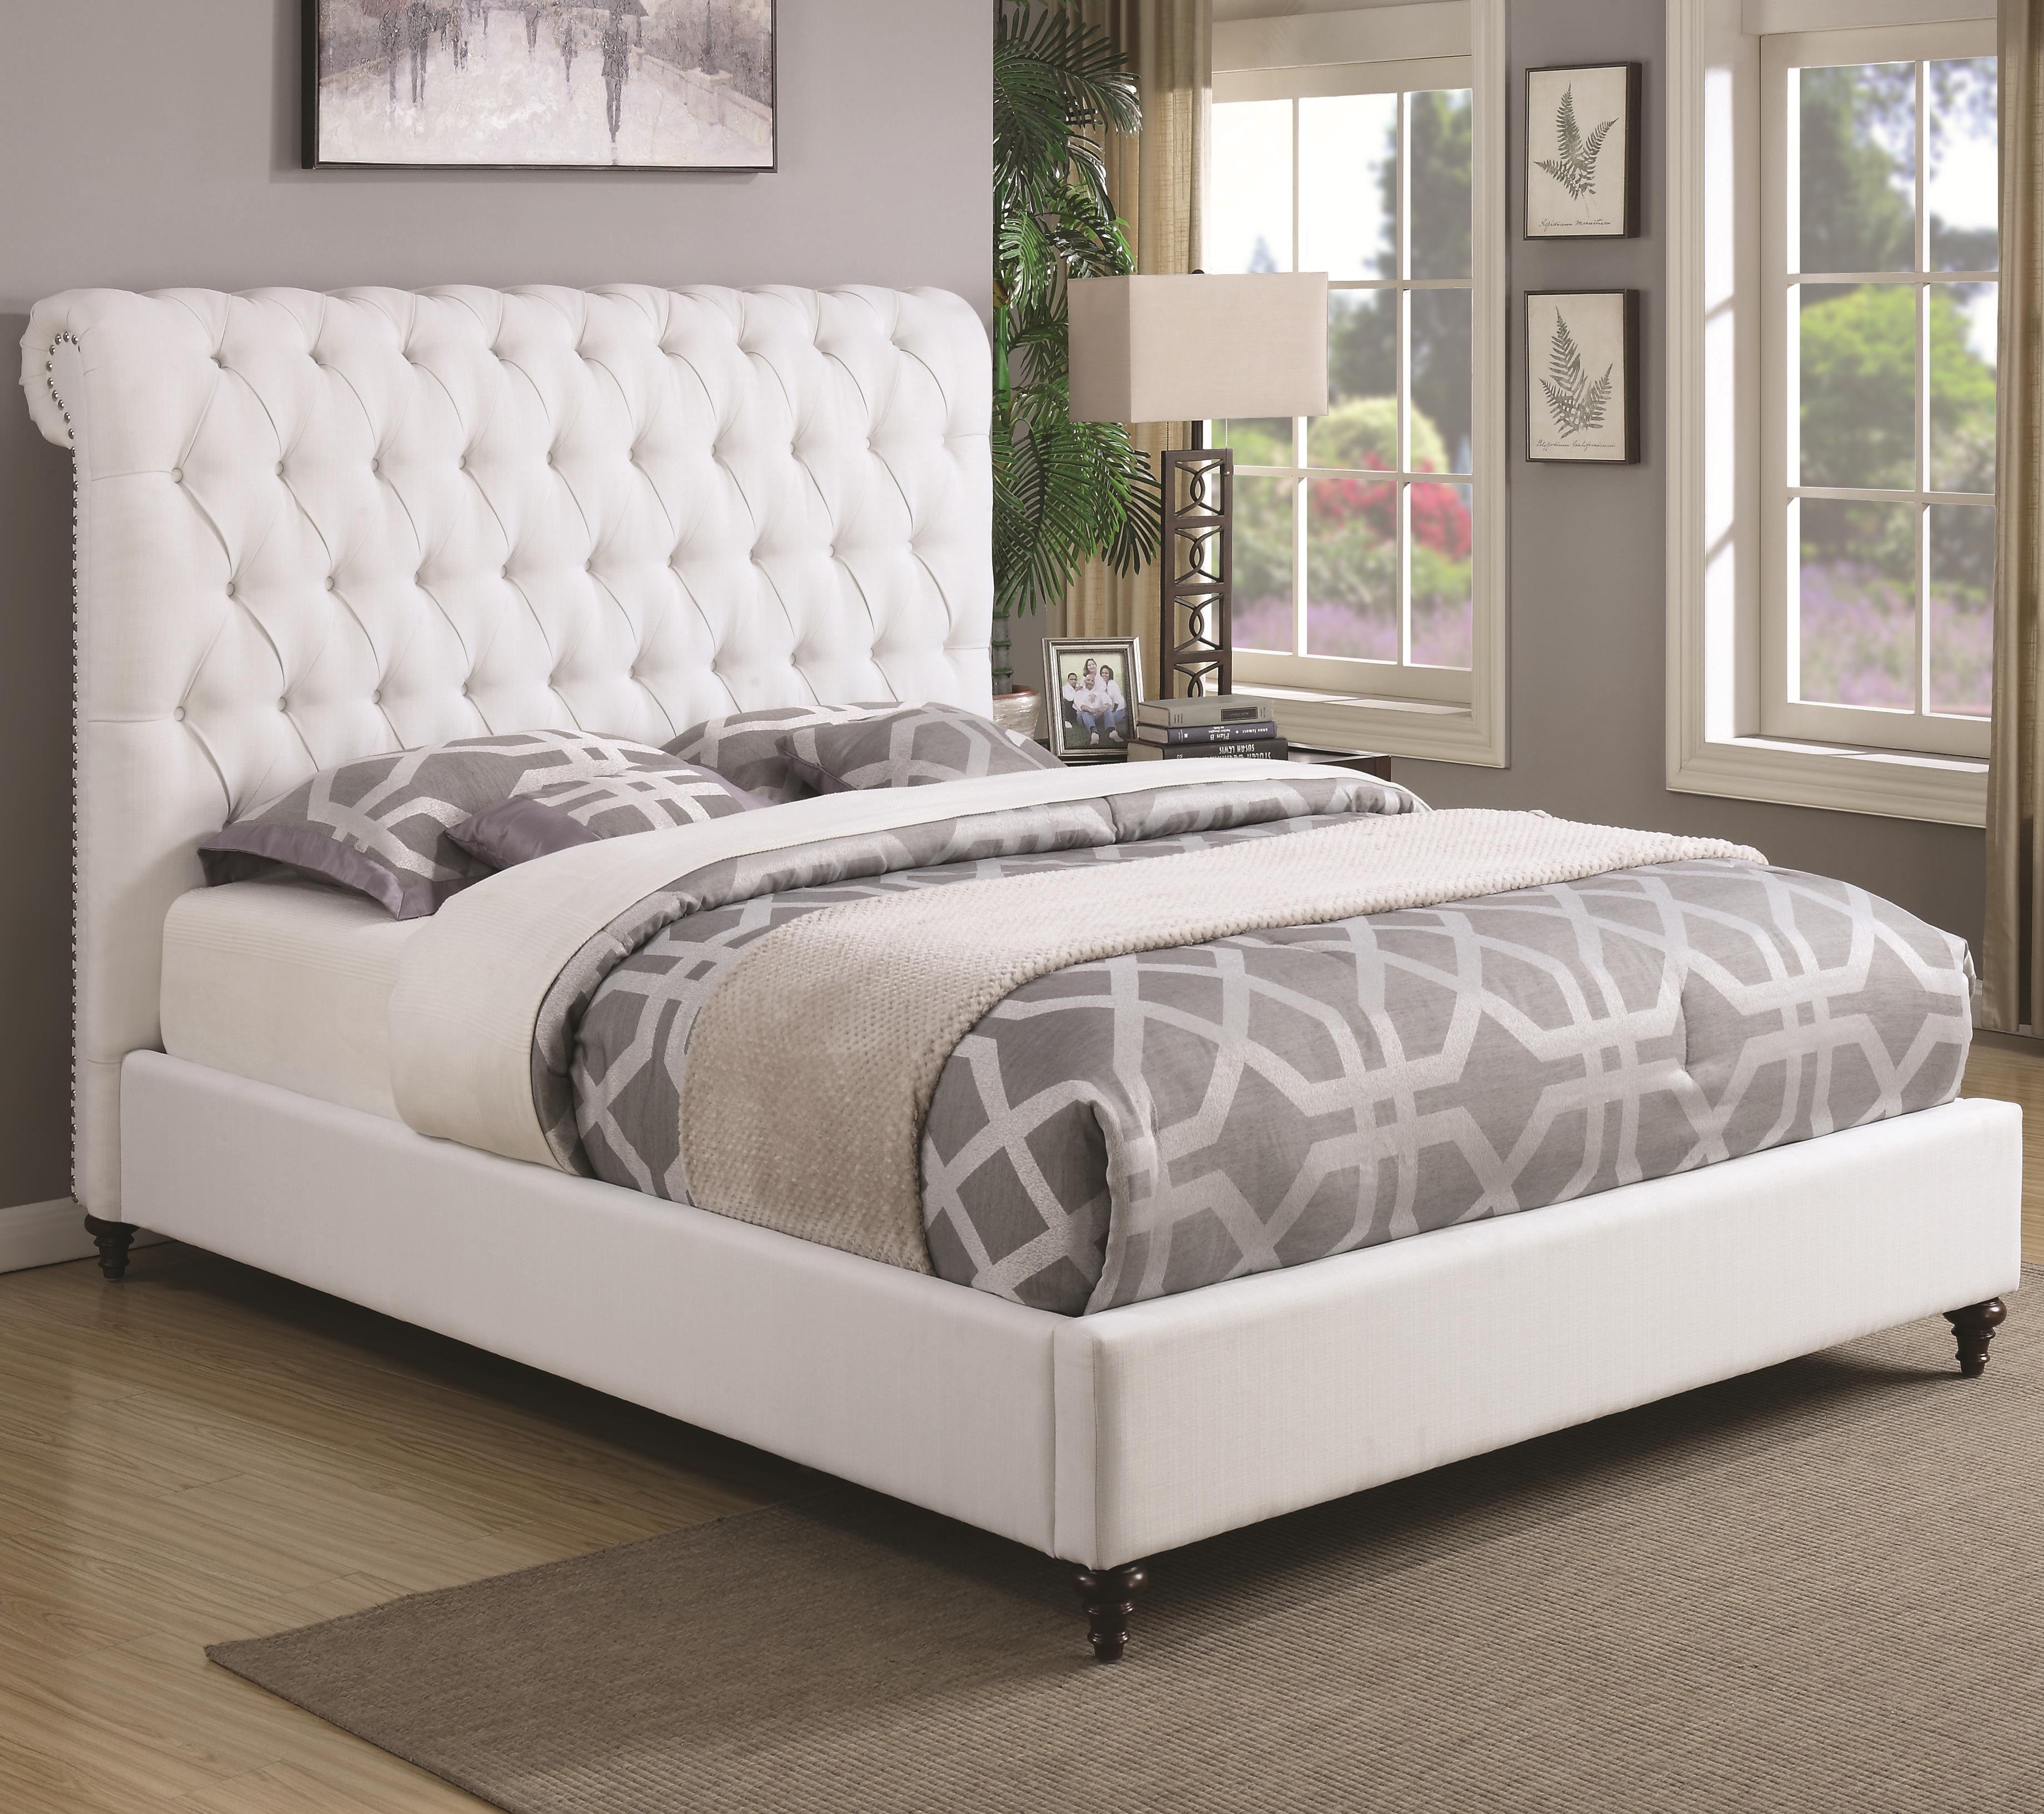 White Fabric Bed Frame Polsterbett Schlafzimmer Einrichten